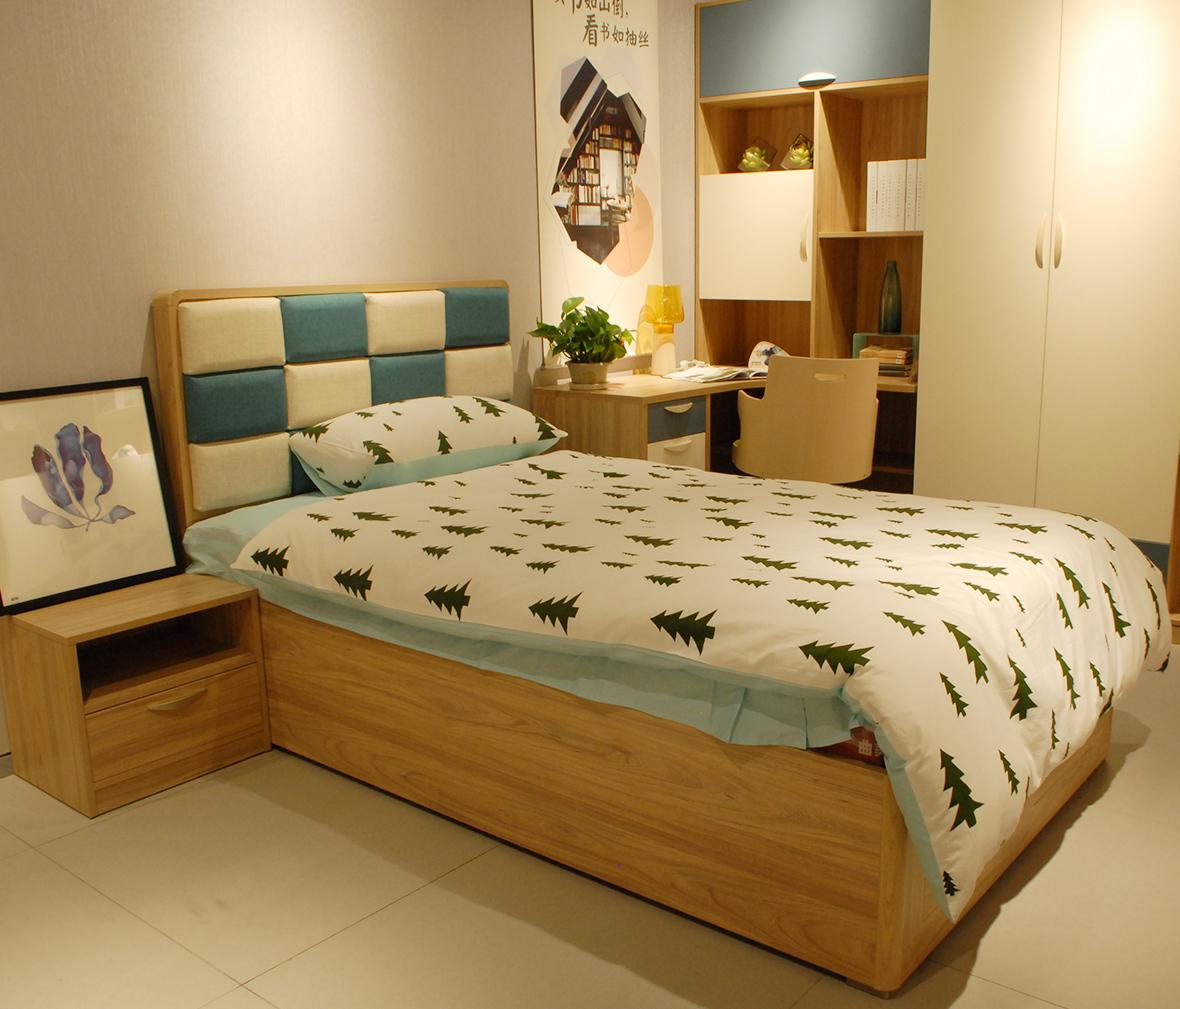 欧式床 实木颗粒板图片